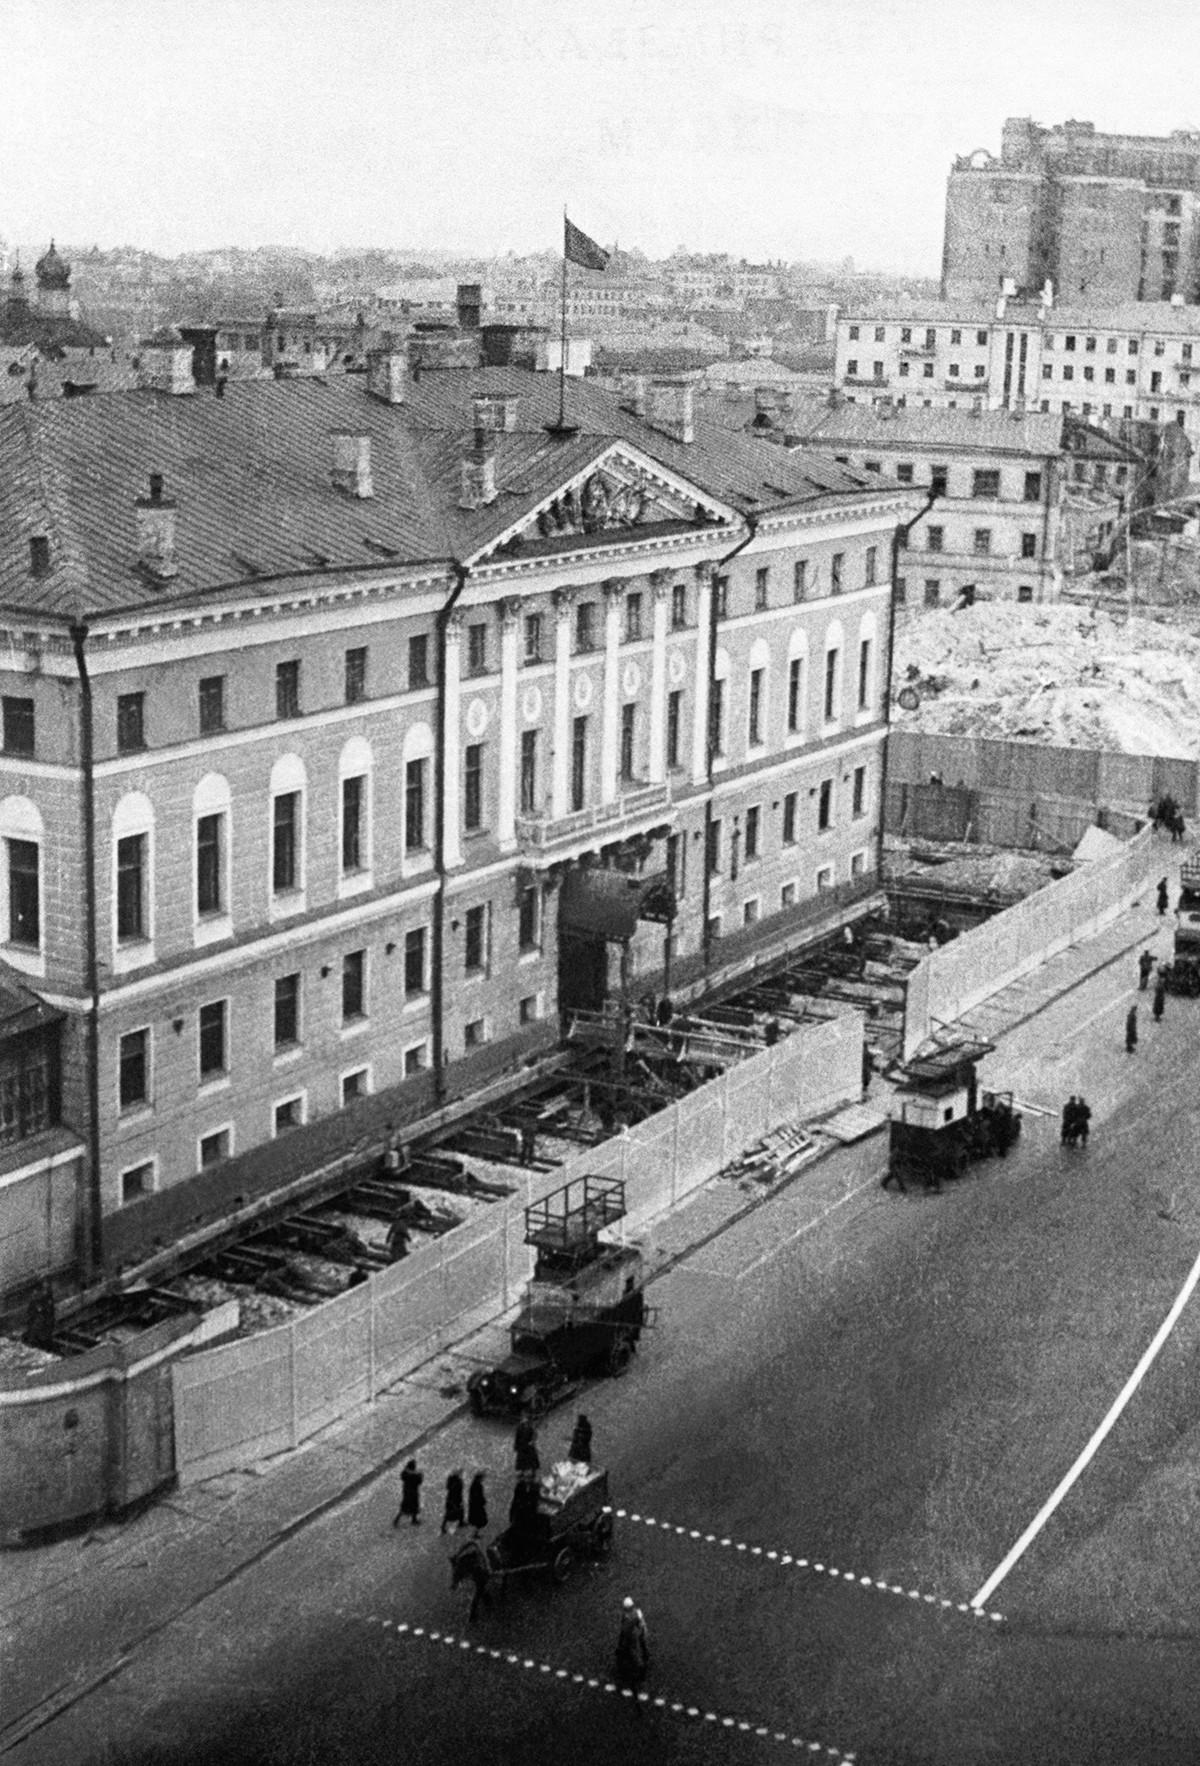 Подготовка к передвижке здания Моссовета по плану реконструкции улицы Горького, 1939